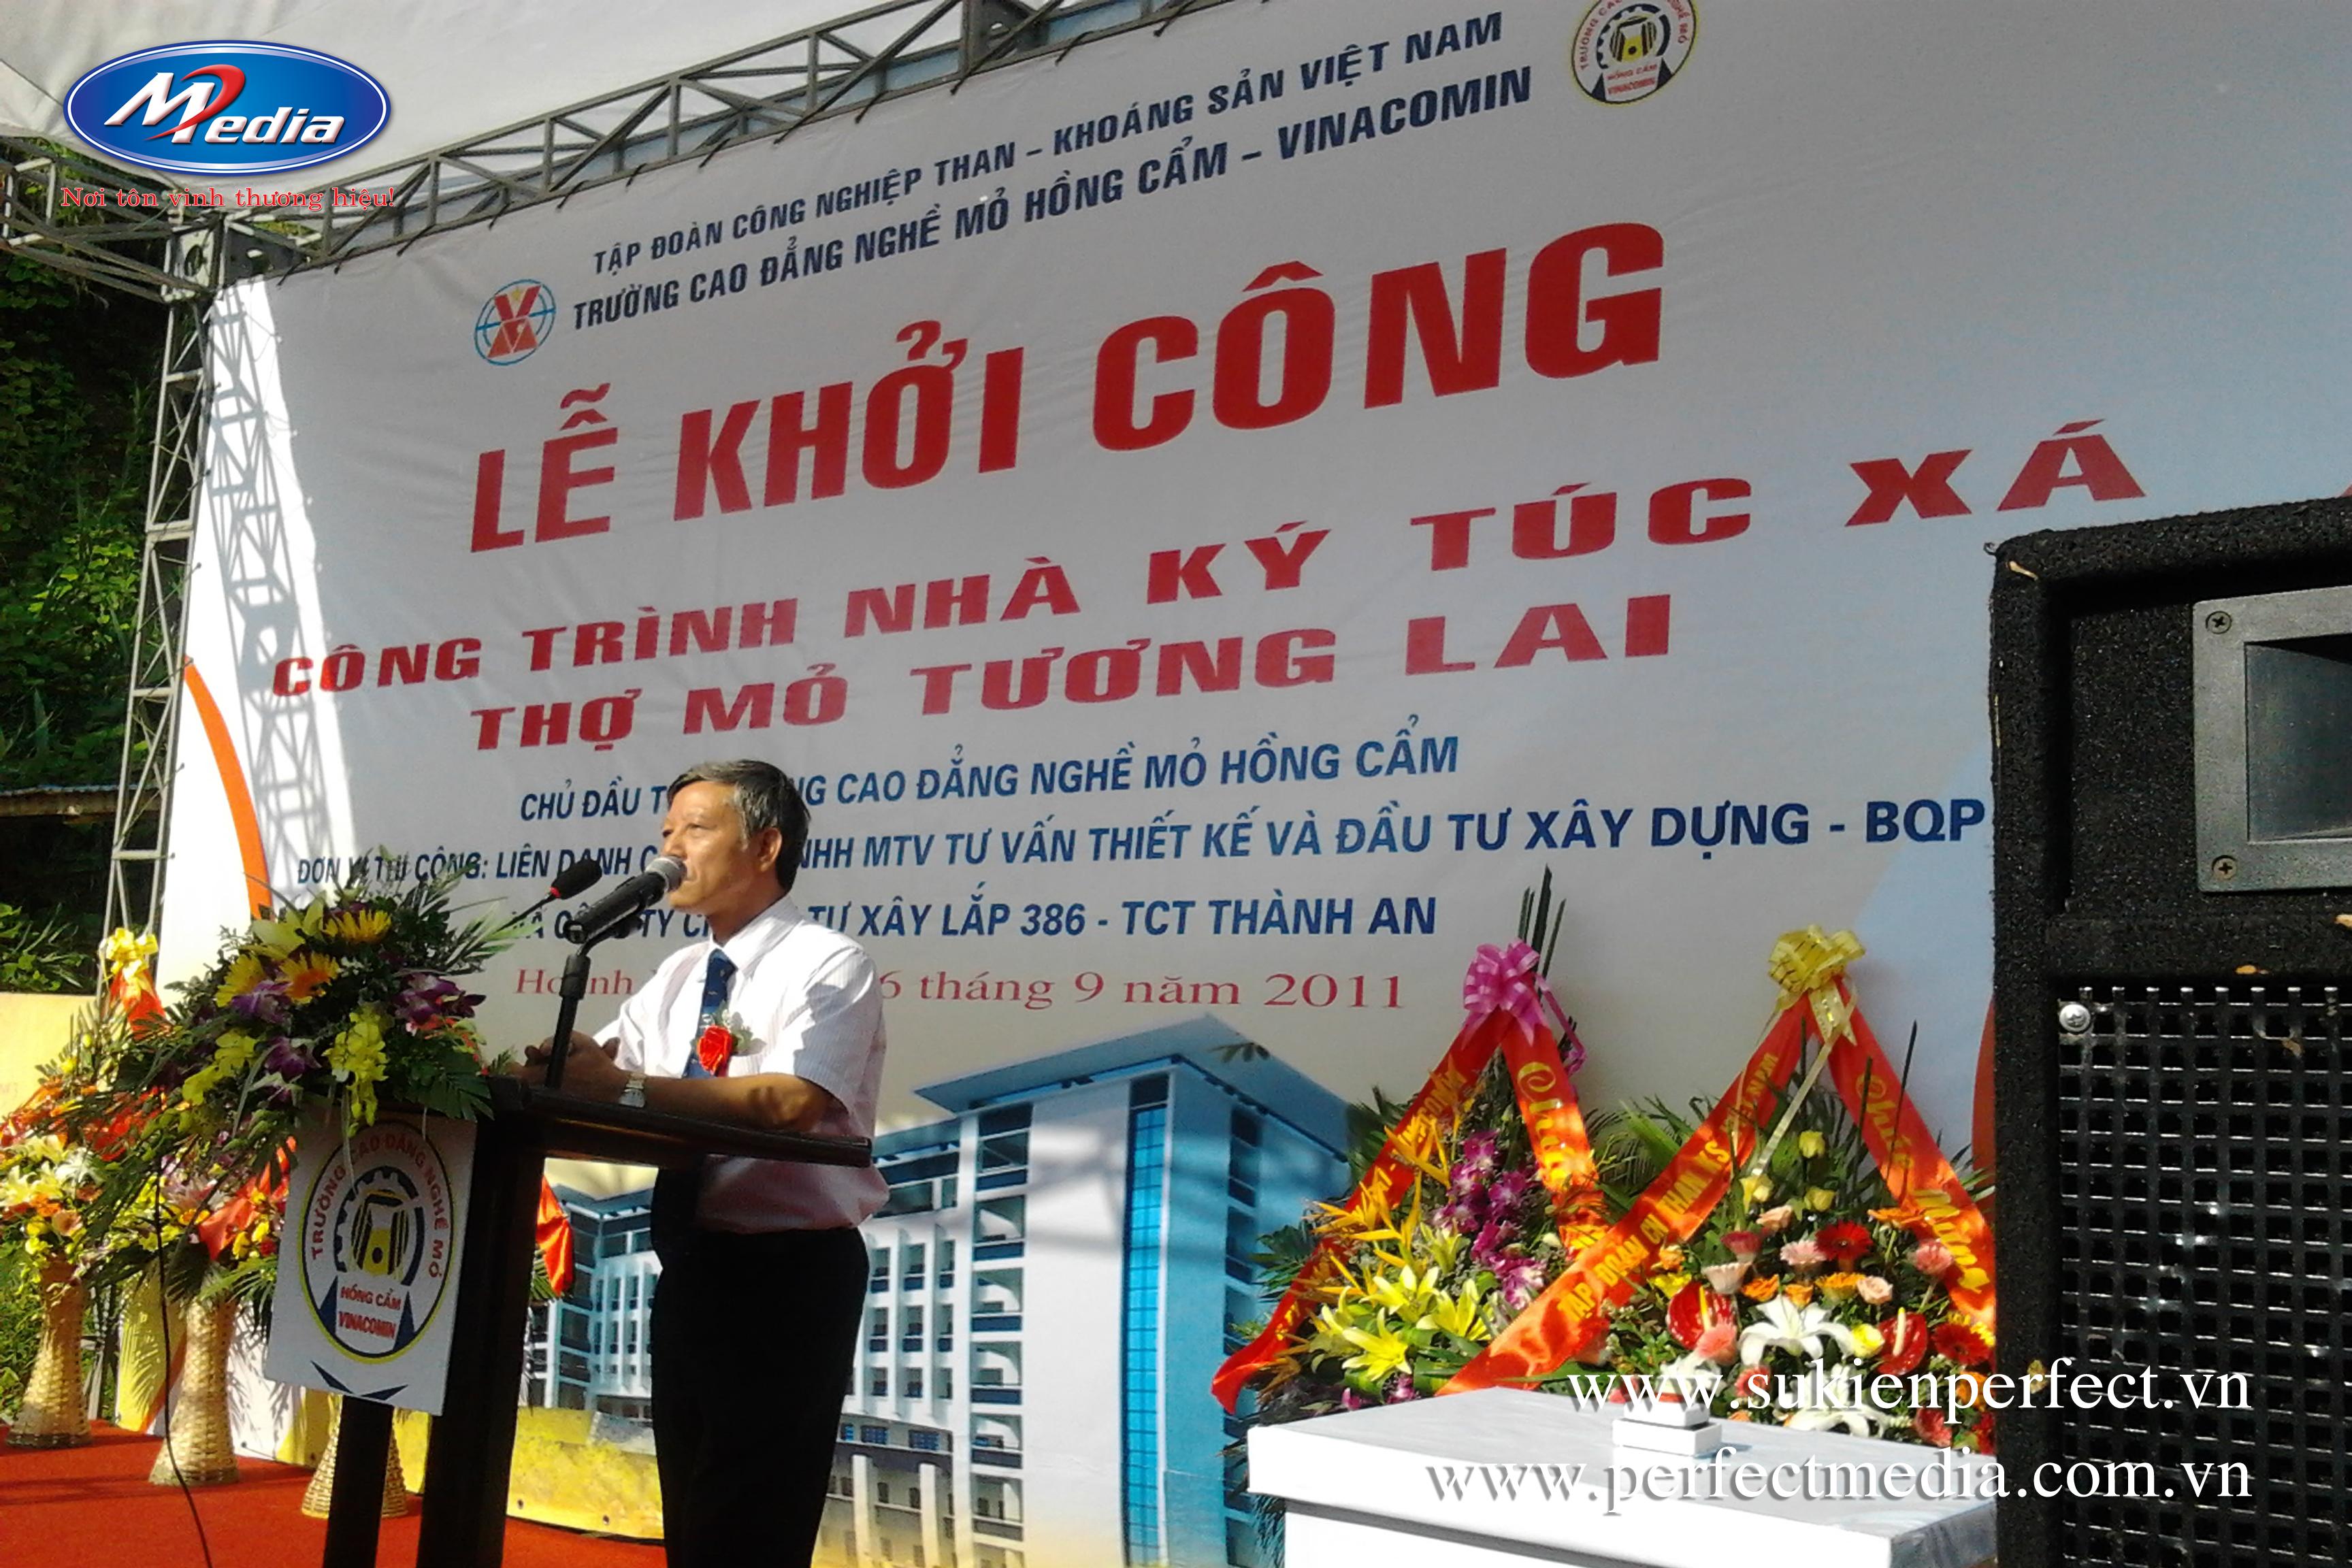 Lễ khởi công năm 2011 do Perfect Media thực hiện tại Quảng Ninh